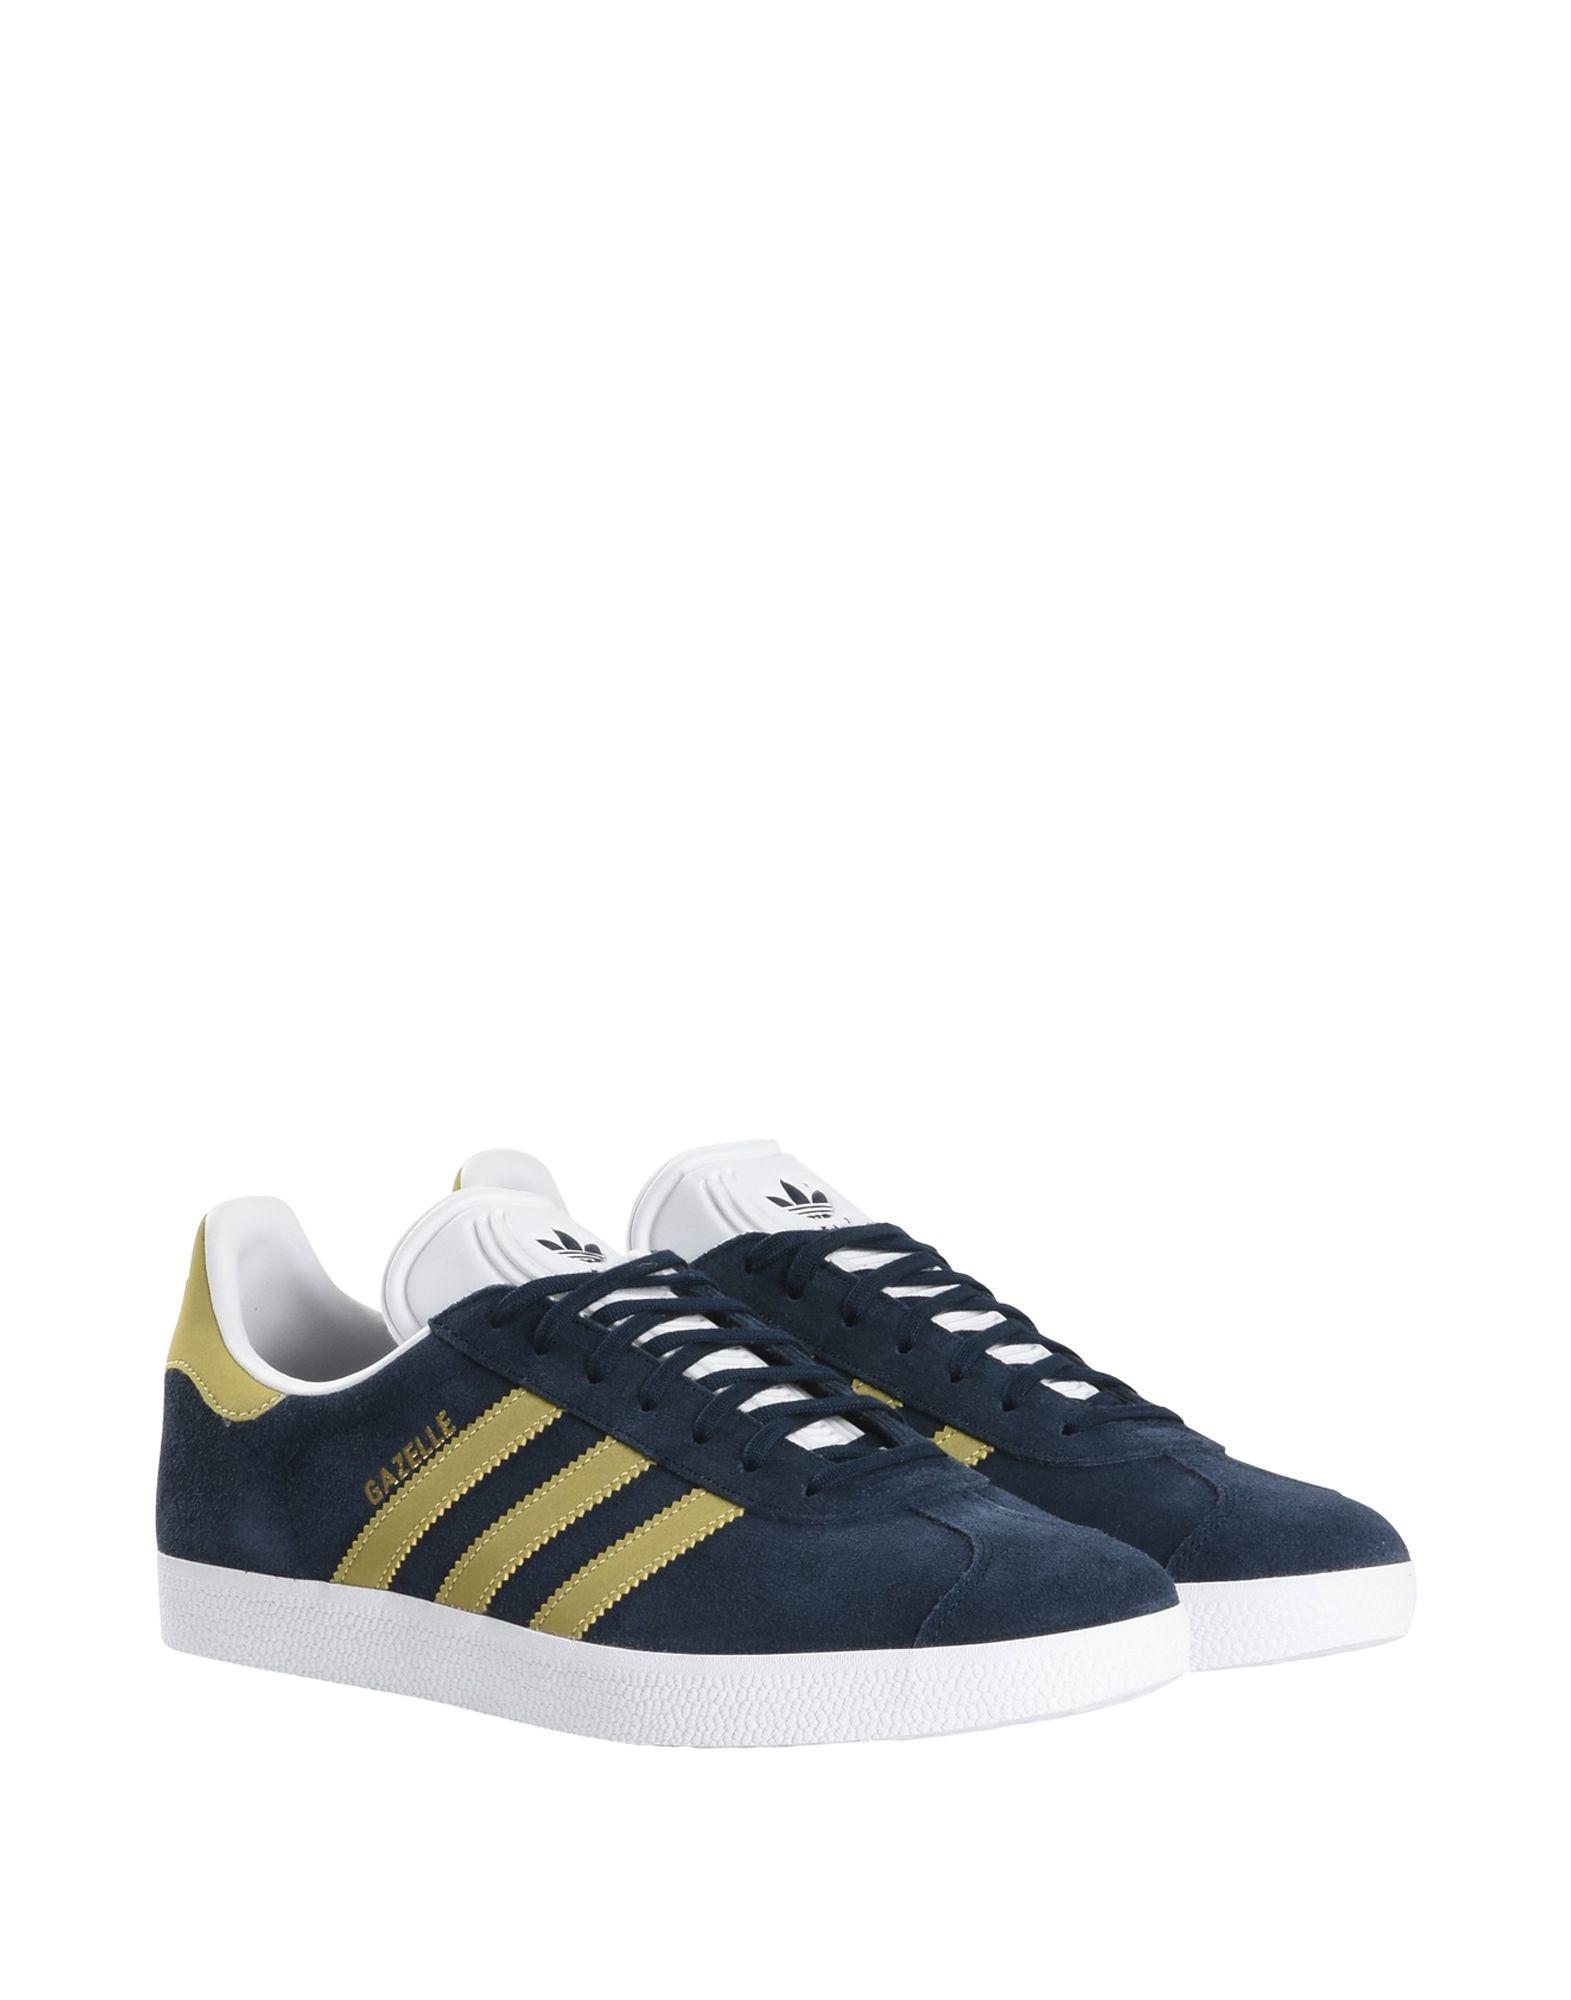 Adidas  Originals Gazelle  Adidas 11371747OU Heiße Schuhe 3253b9